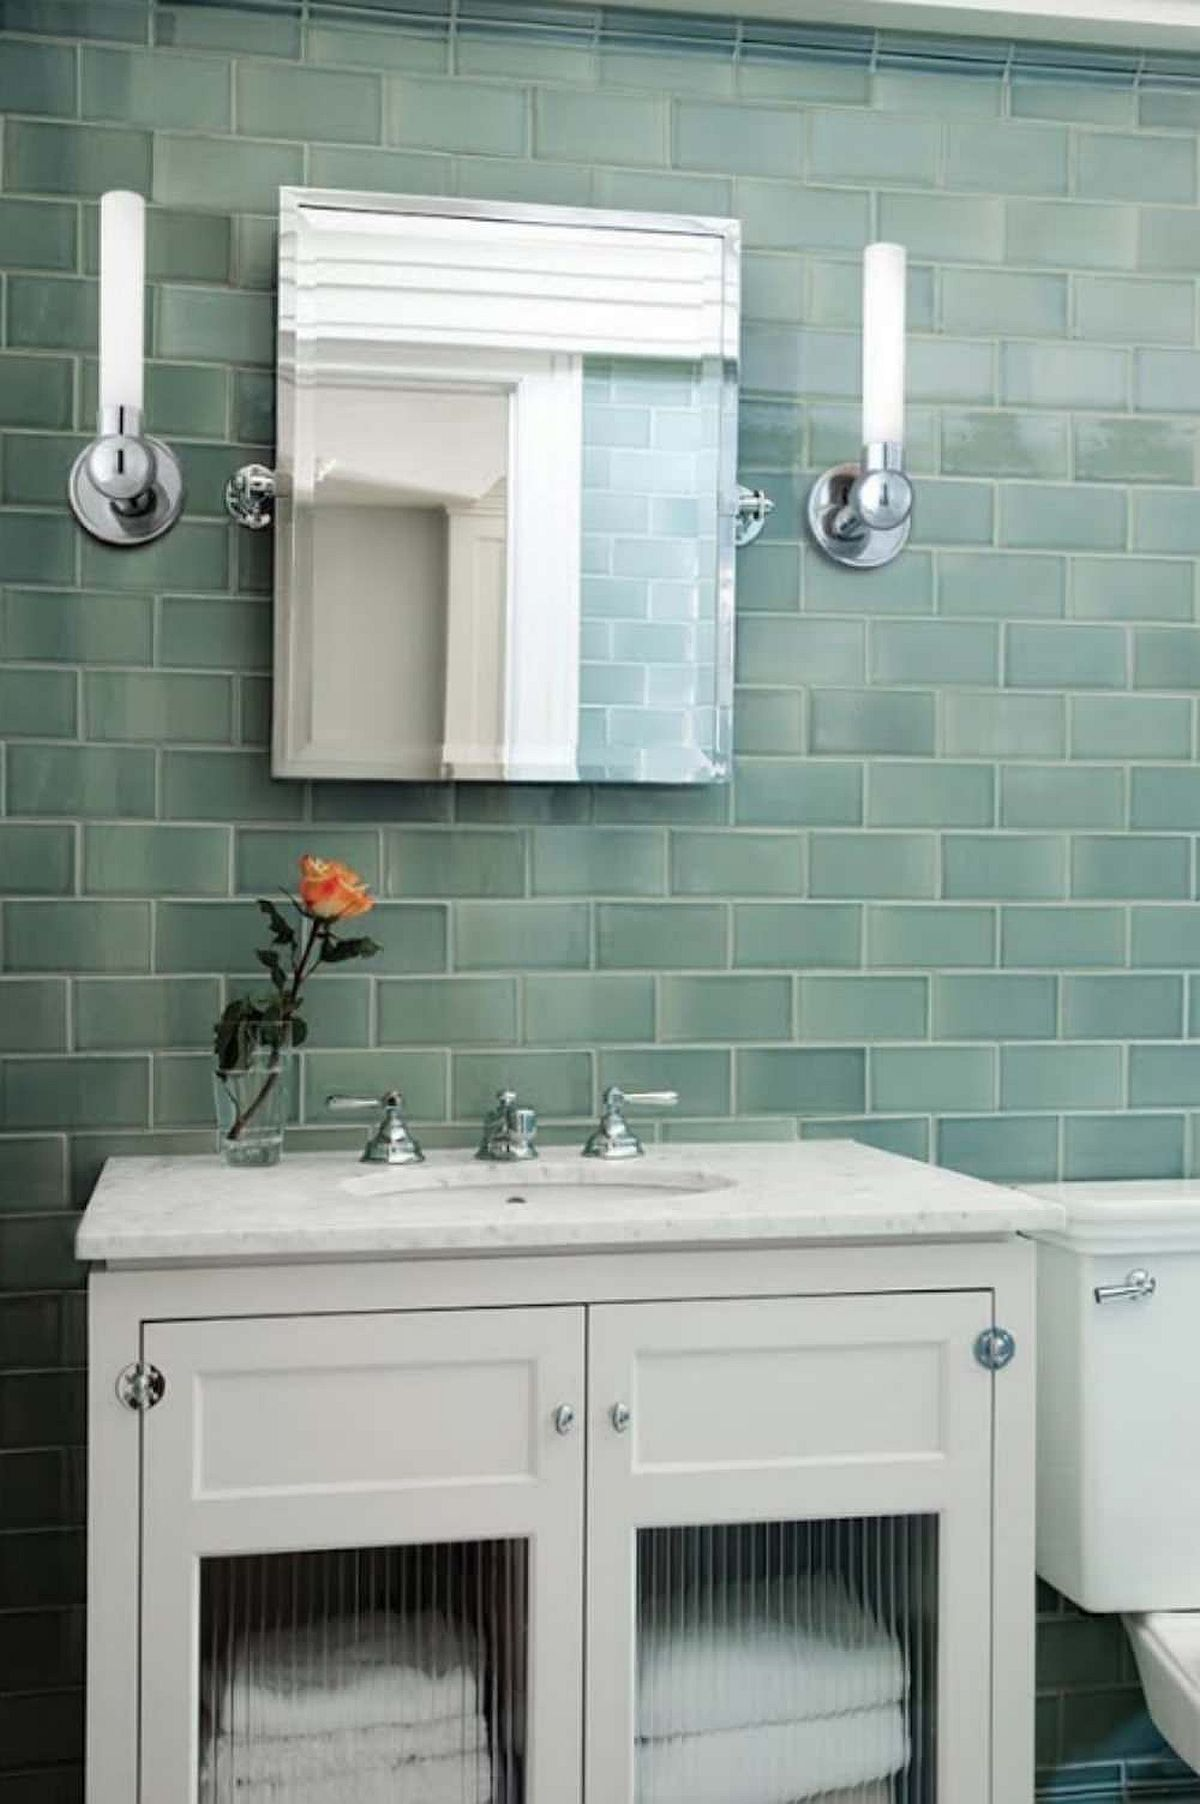 Gạch màu xanh lá cây cho phòng tắm hiện đại với bàn trang điểm màu trắng và hệ thống chiếu sáng thông minh